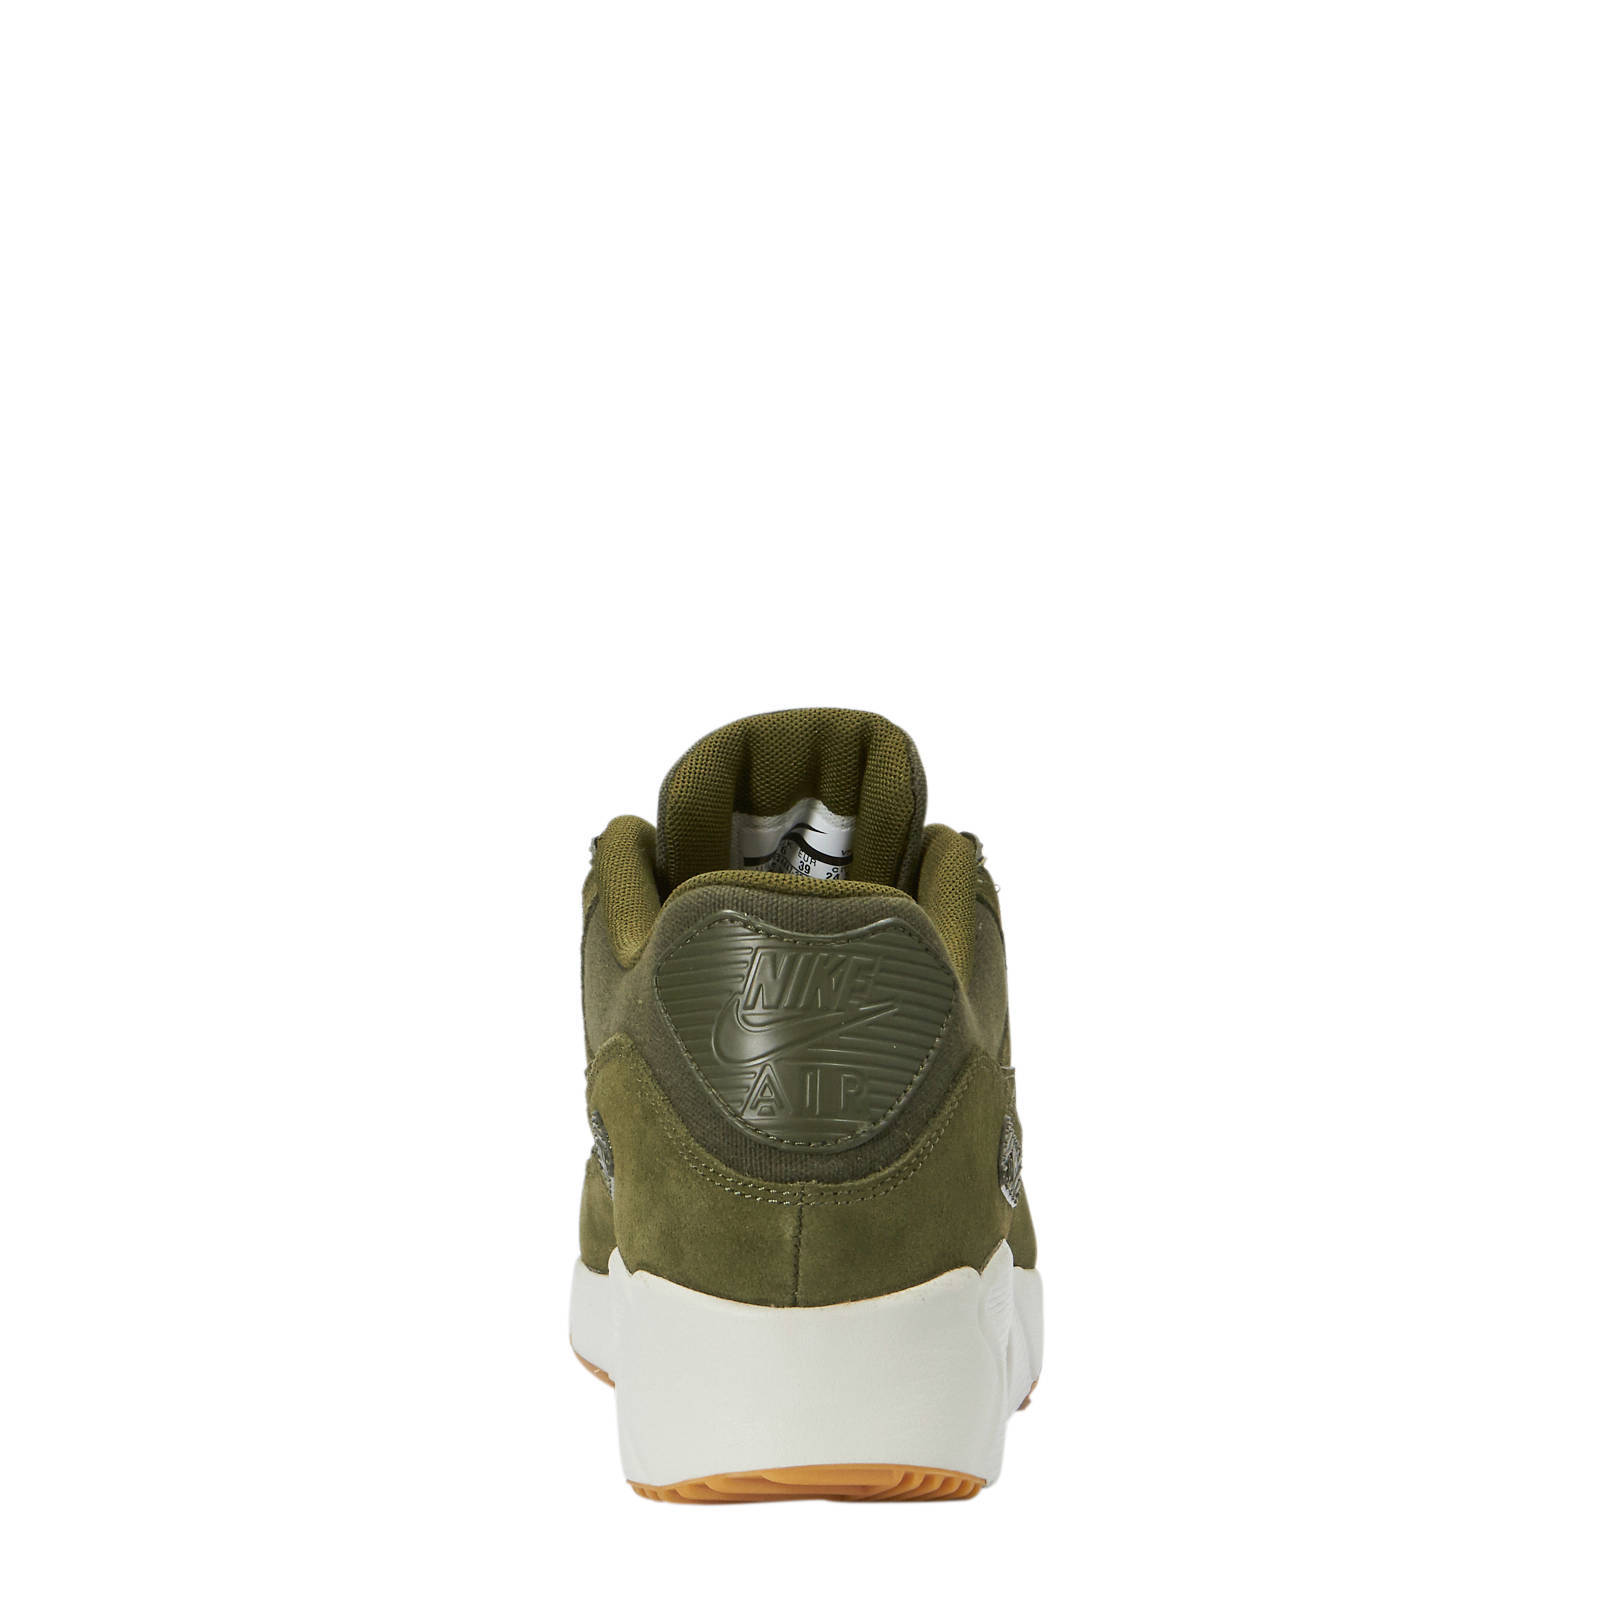 5f8929a23 nike-air-max-90-ultra-2-0-sneakers-legergroen-donkergroen-0191887689782.jpg